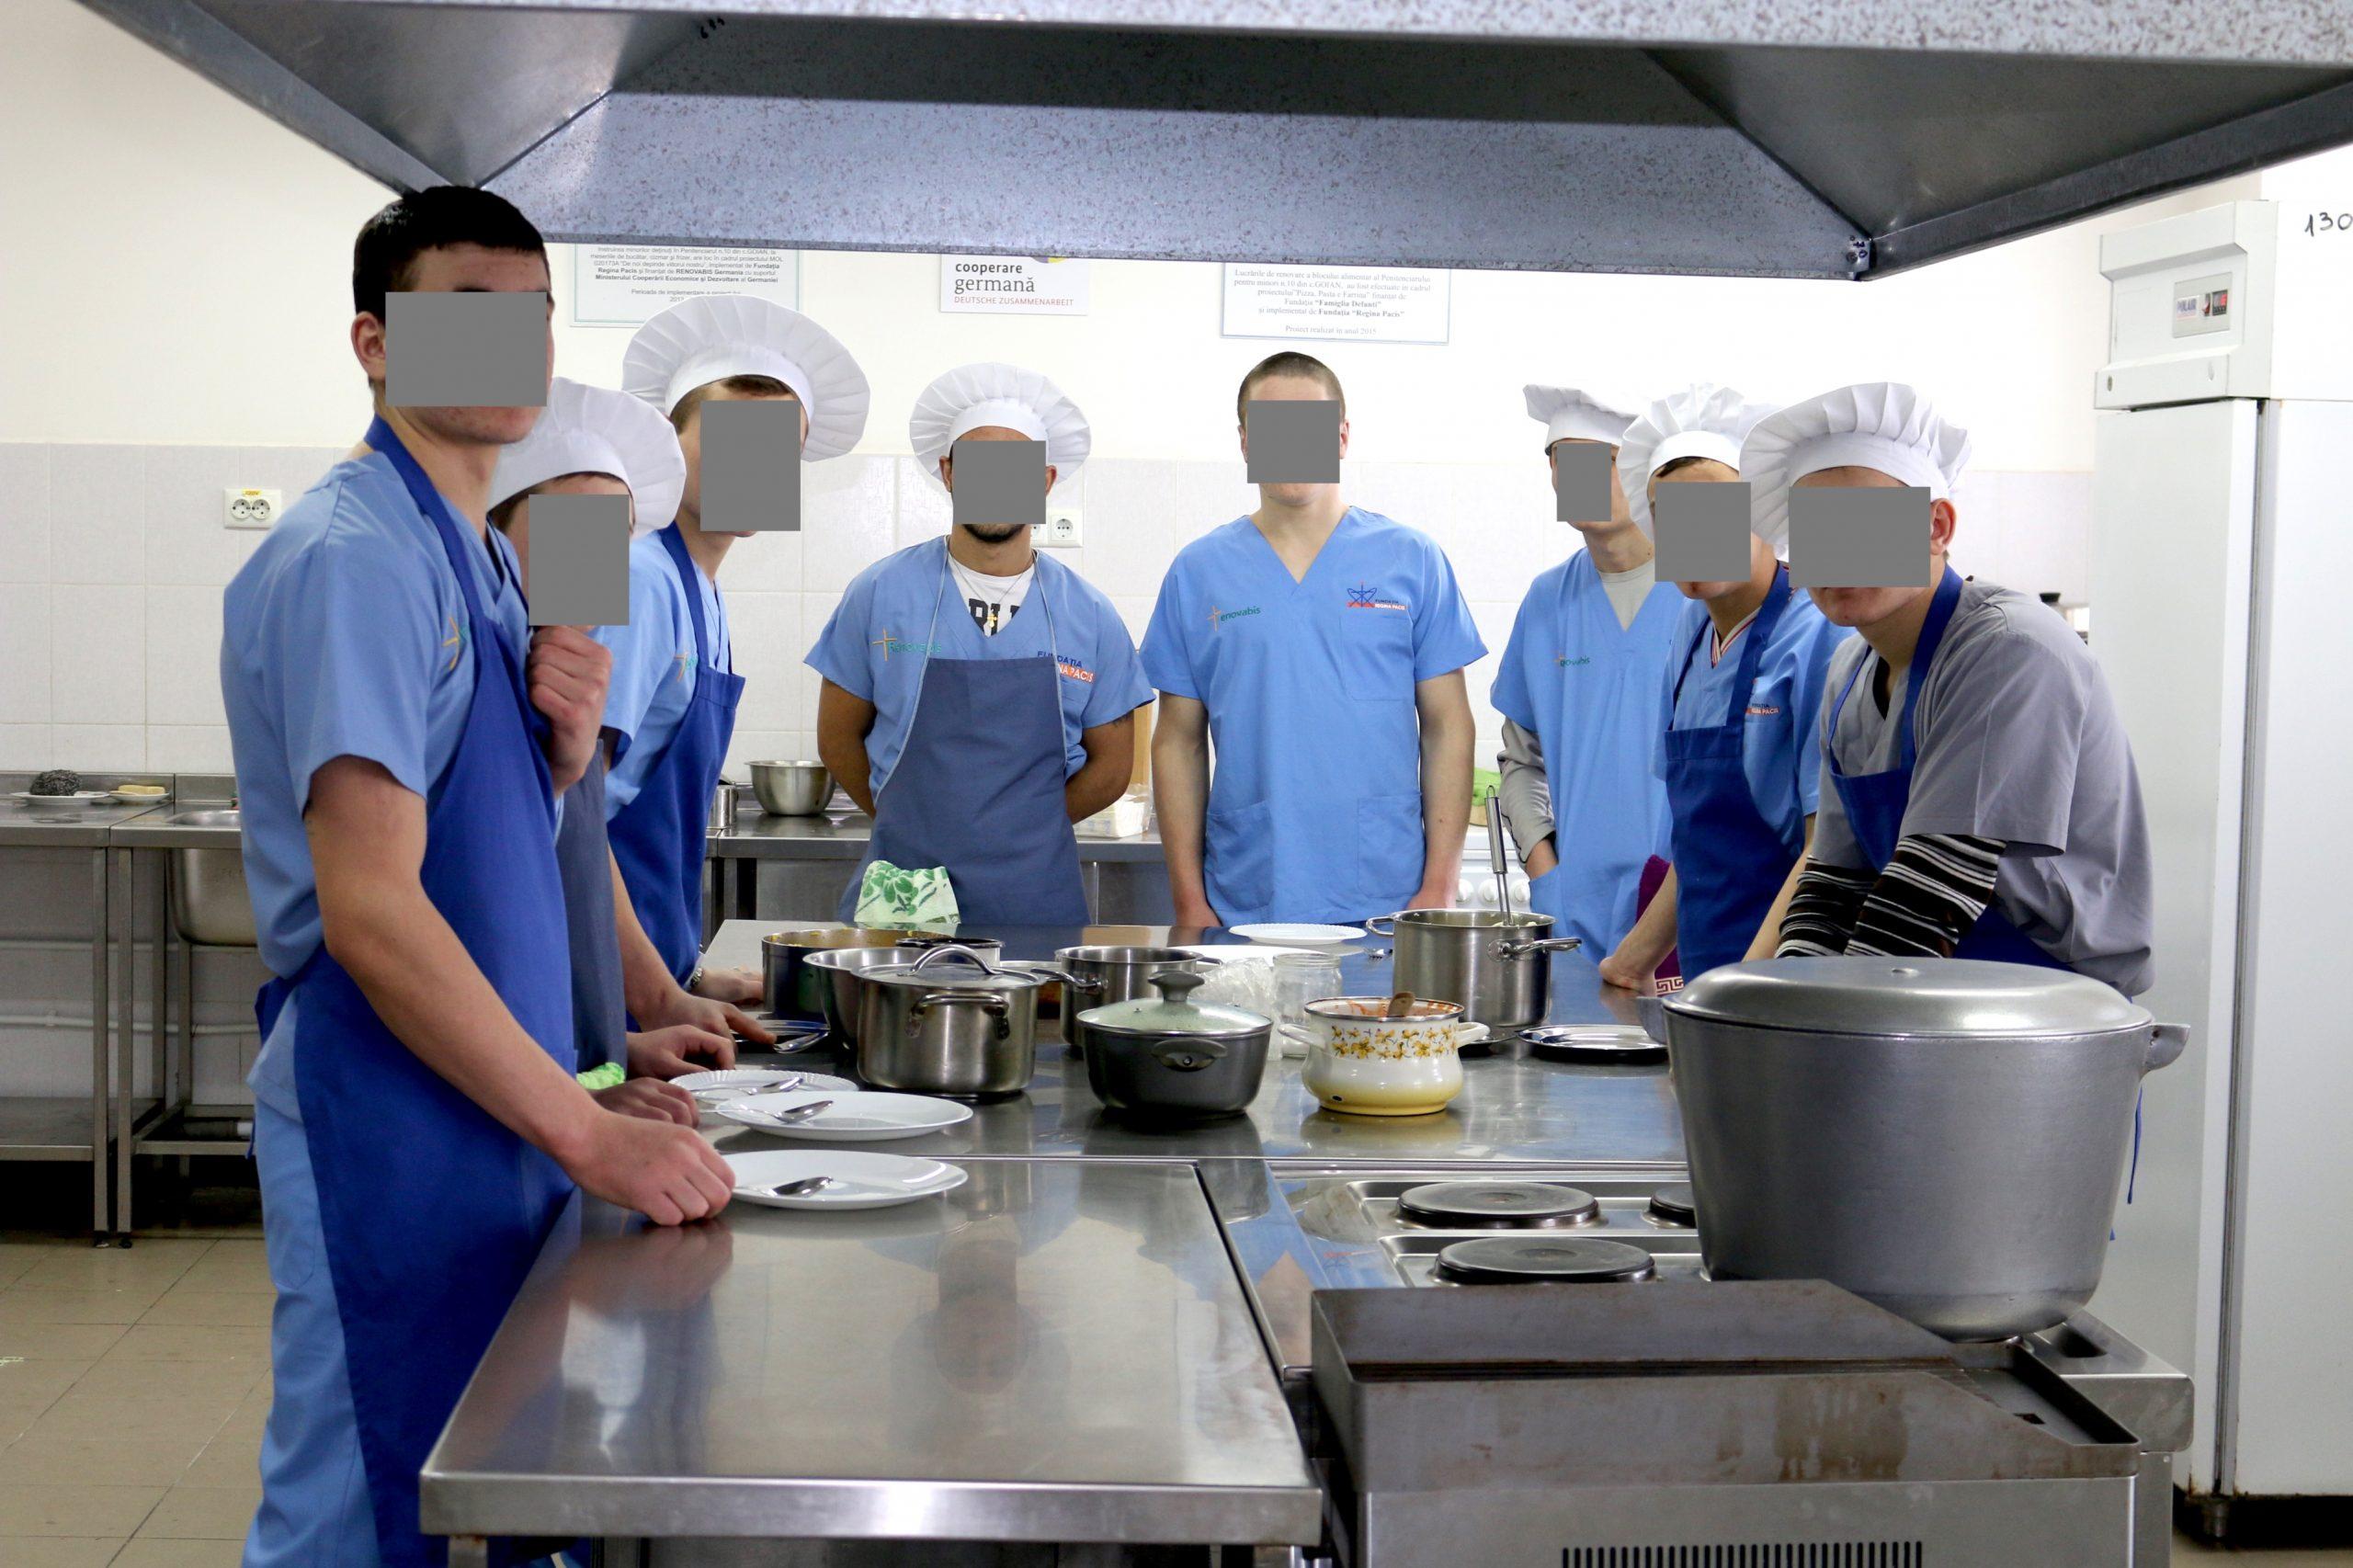 Diplome de bucătari pentru un grup de minori din penitenciar